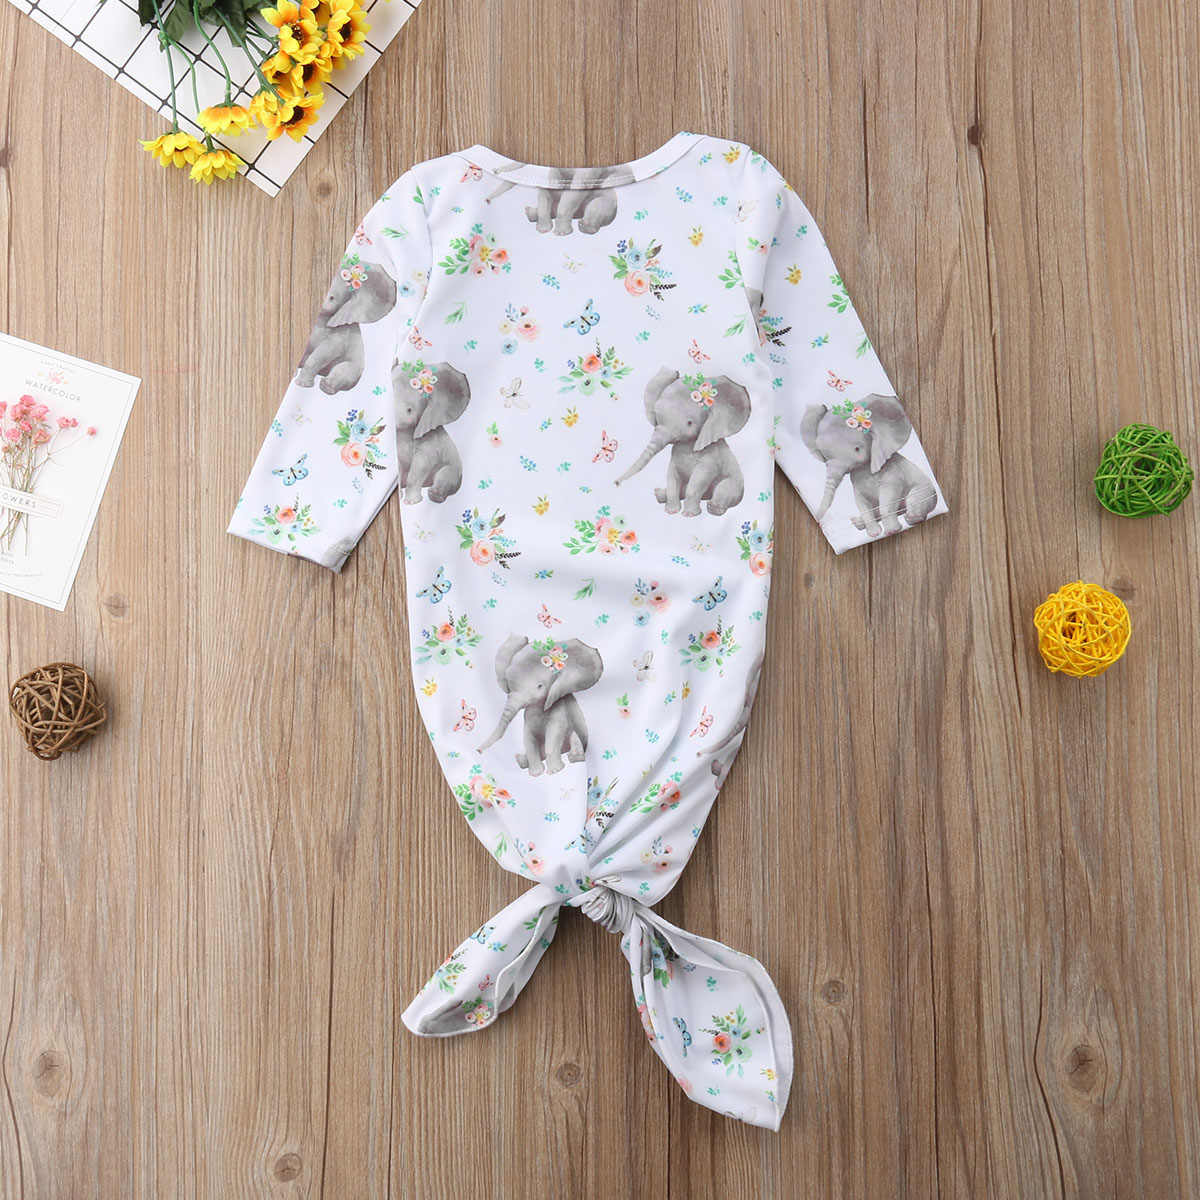 Saco de Dormir do bebê do Outono Bonito do Elefante de Impressão Cobertor Do Bebê Recém-nascido Saco de Dormir Swaddle Envoltório Moda New Born Outfit